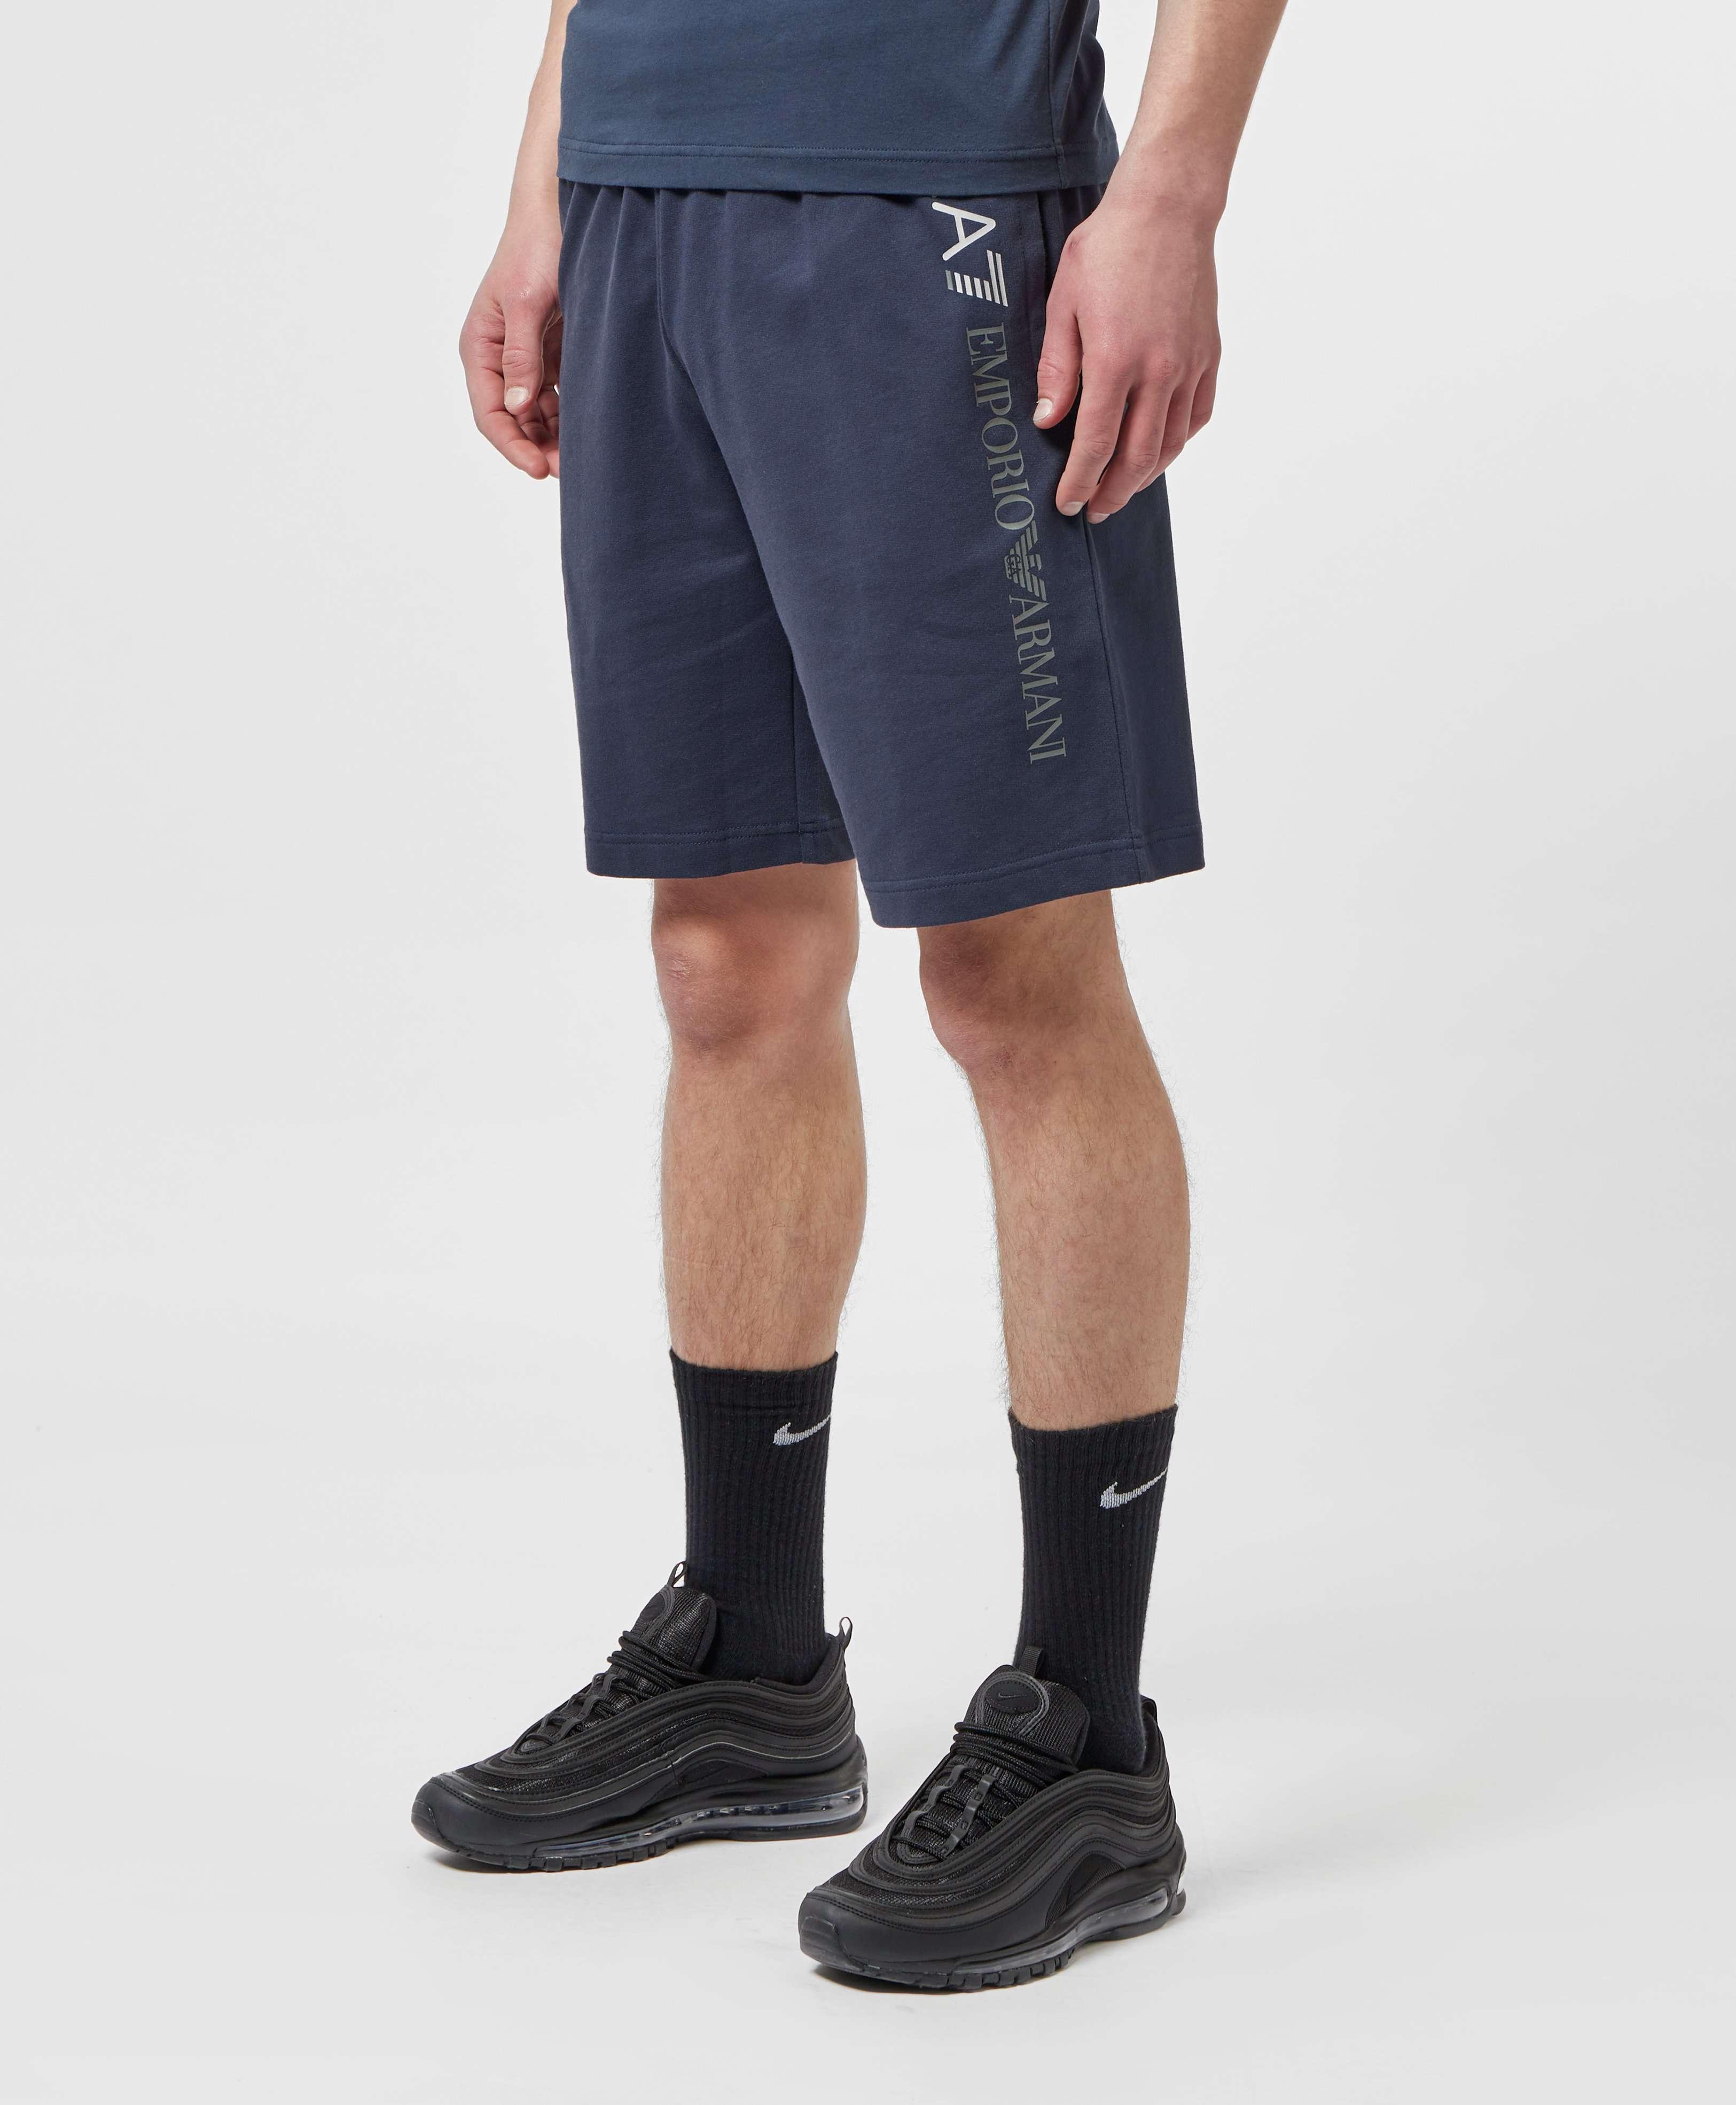 Emporio Armani EA7 Leg Logo Fleece Shorts